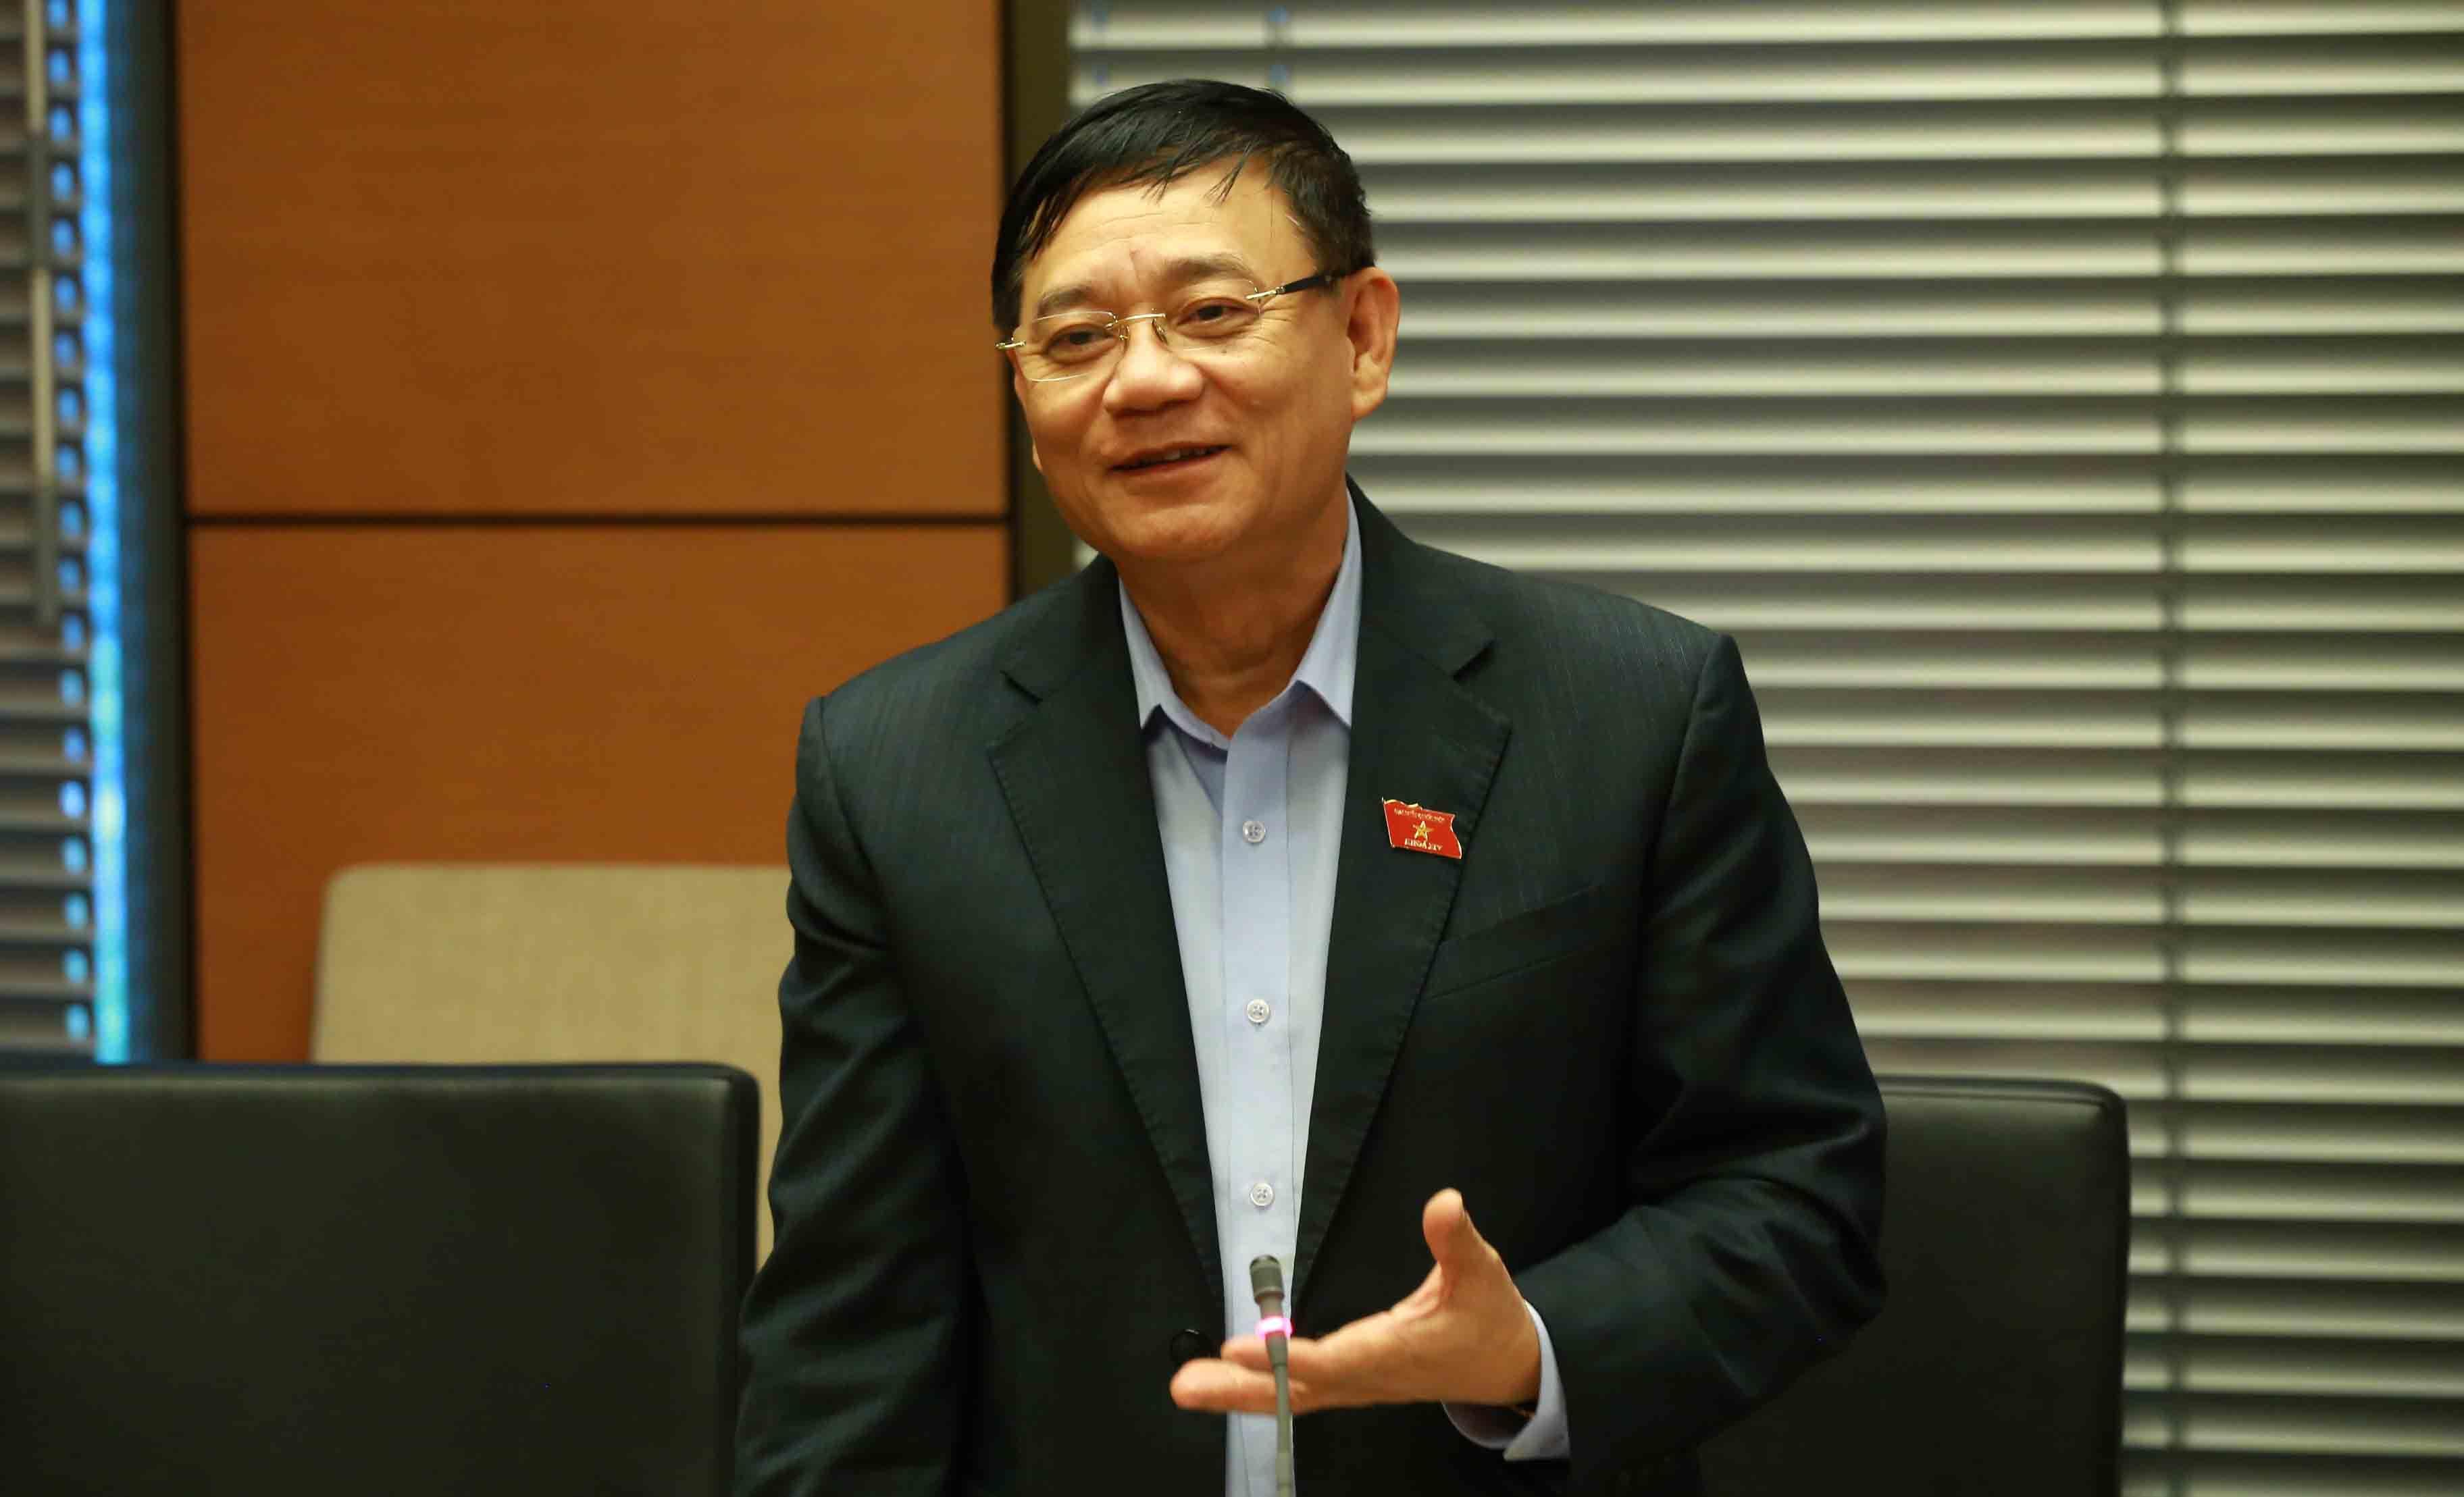 phiếu tín nhiệm,lấy phiếu tín nhiệm,Trần Văn Tuý,bỏ phiếu tín nhiệm